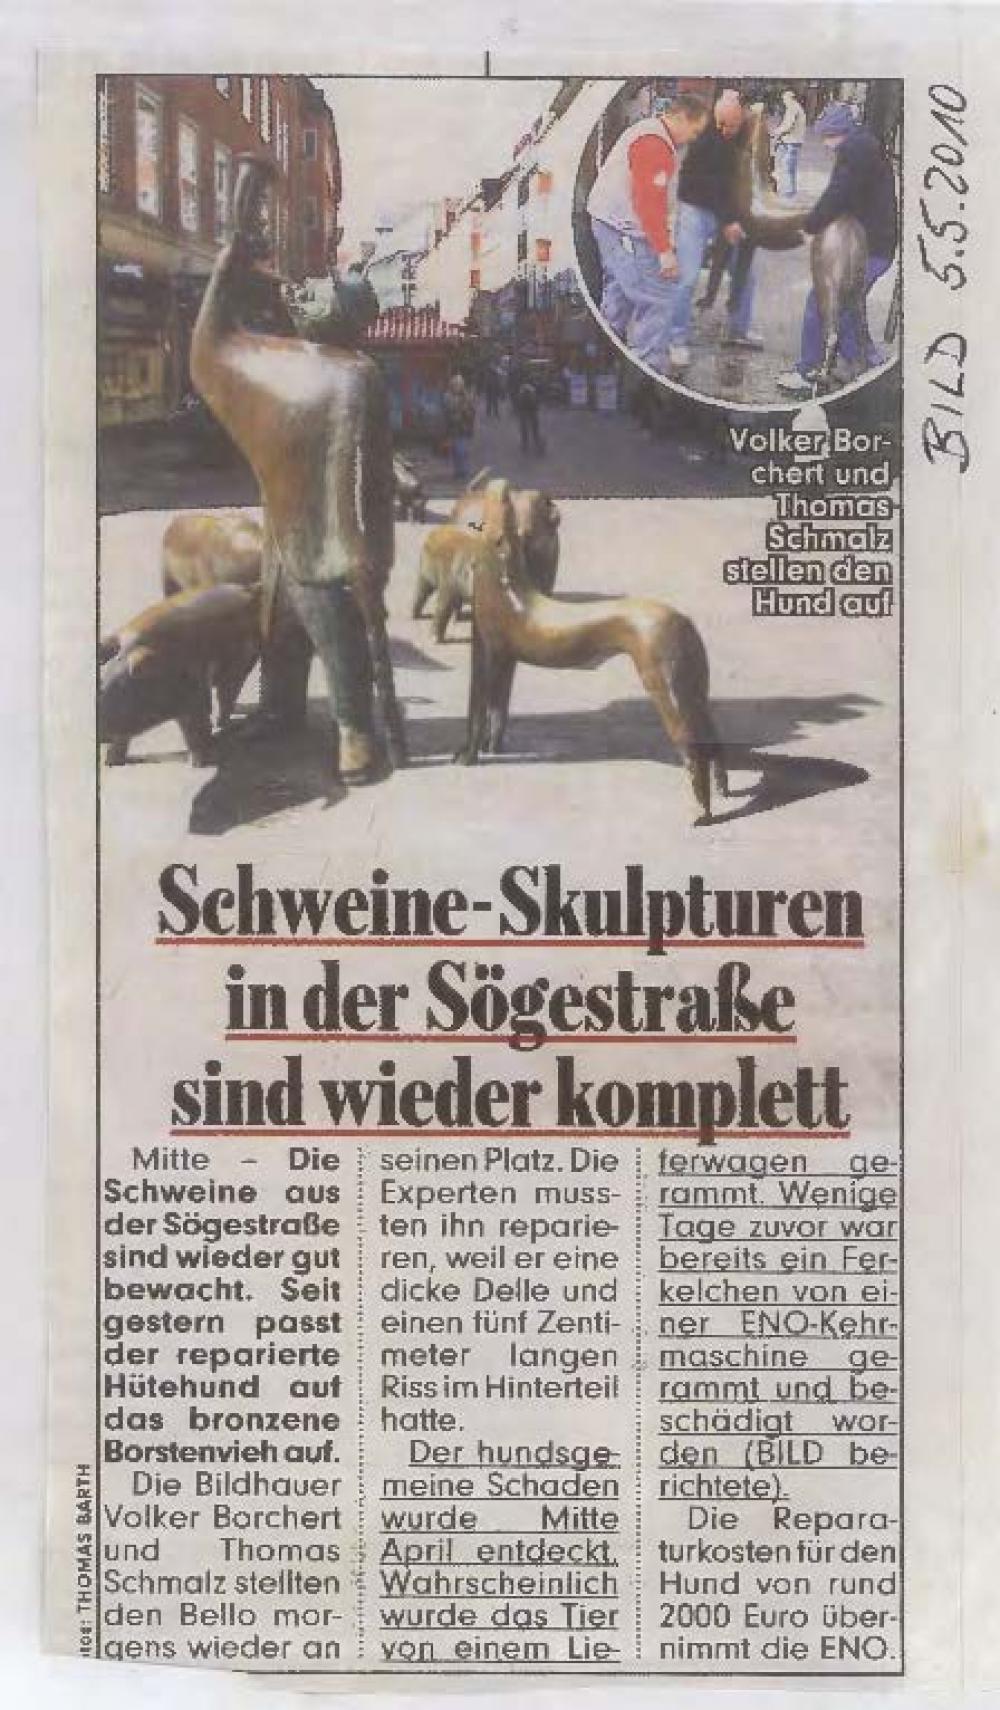 Schweineskulpturen